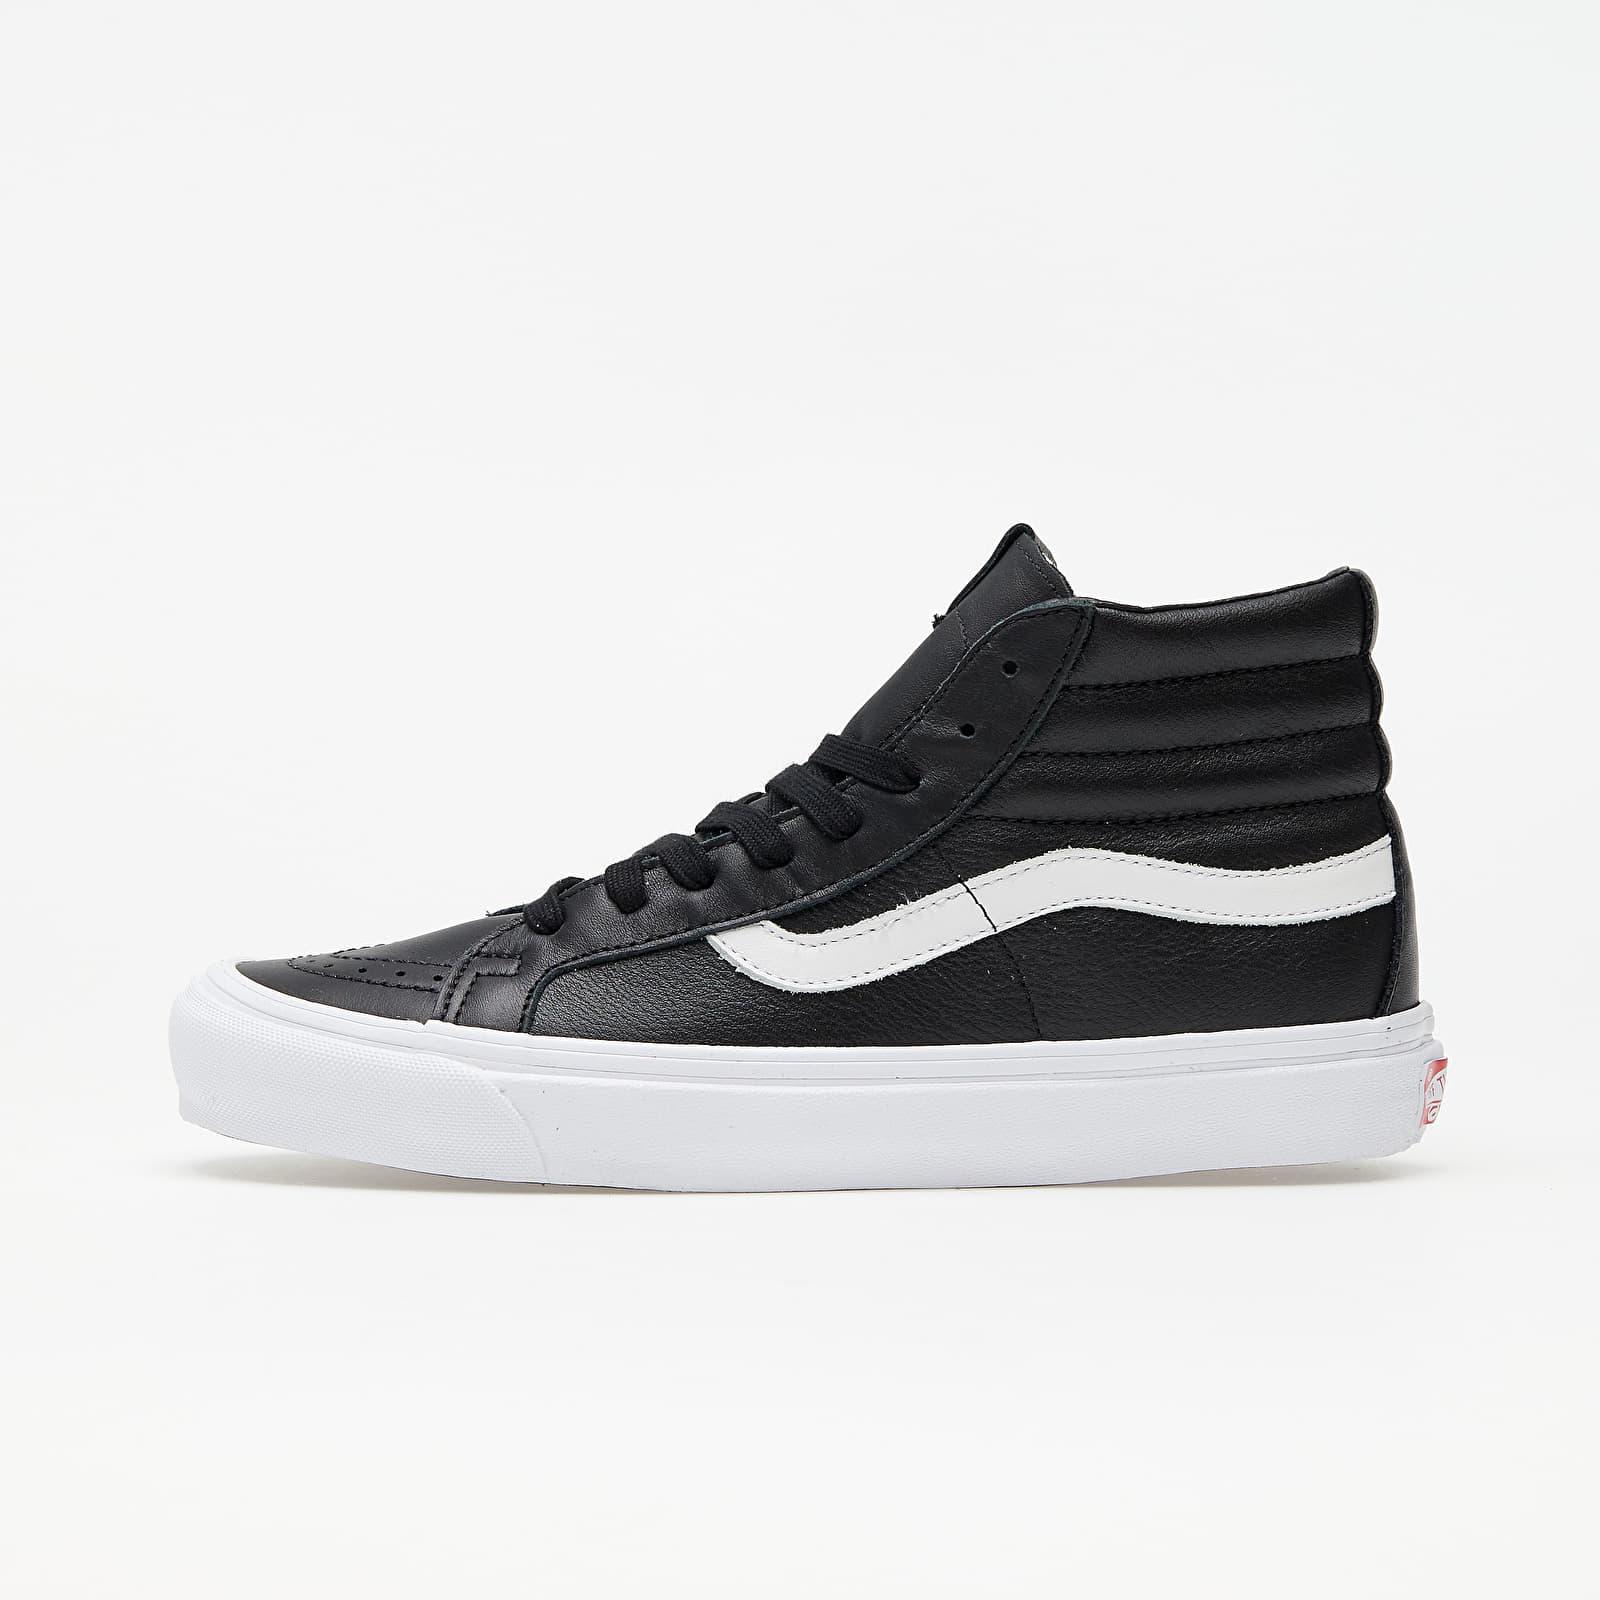 Men's shoes Vans OG Sk8-Hi LX Vault Black